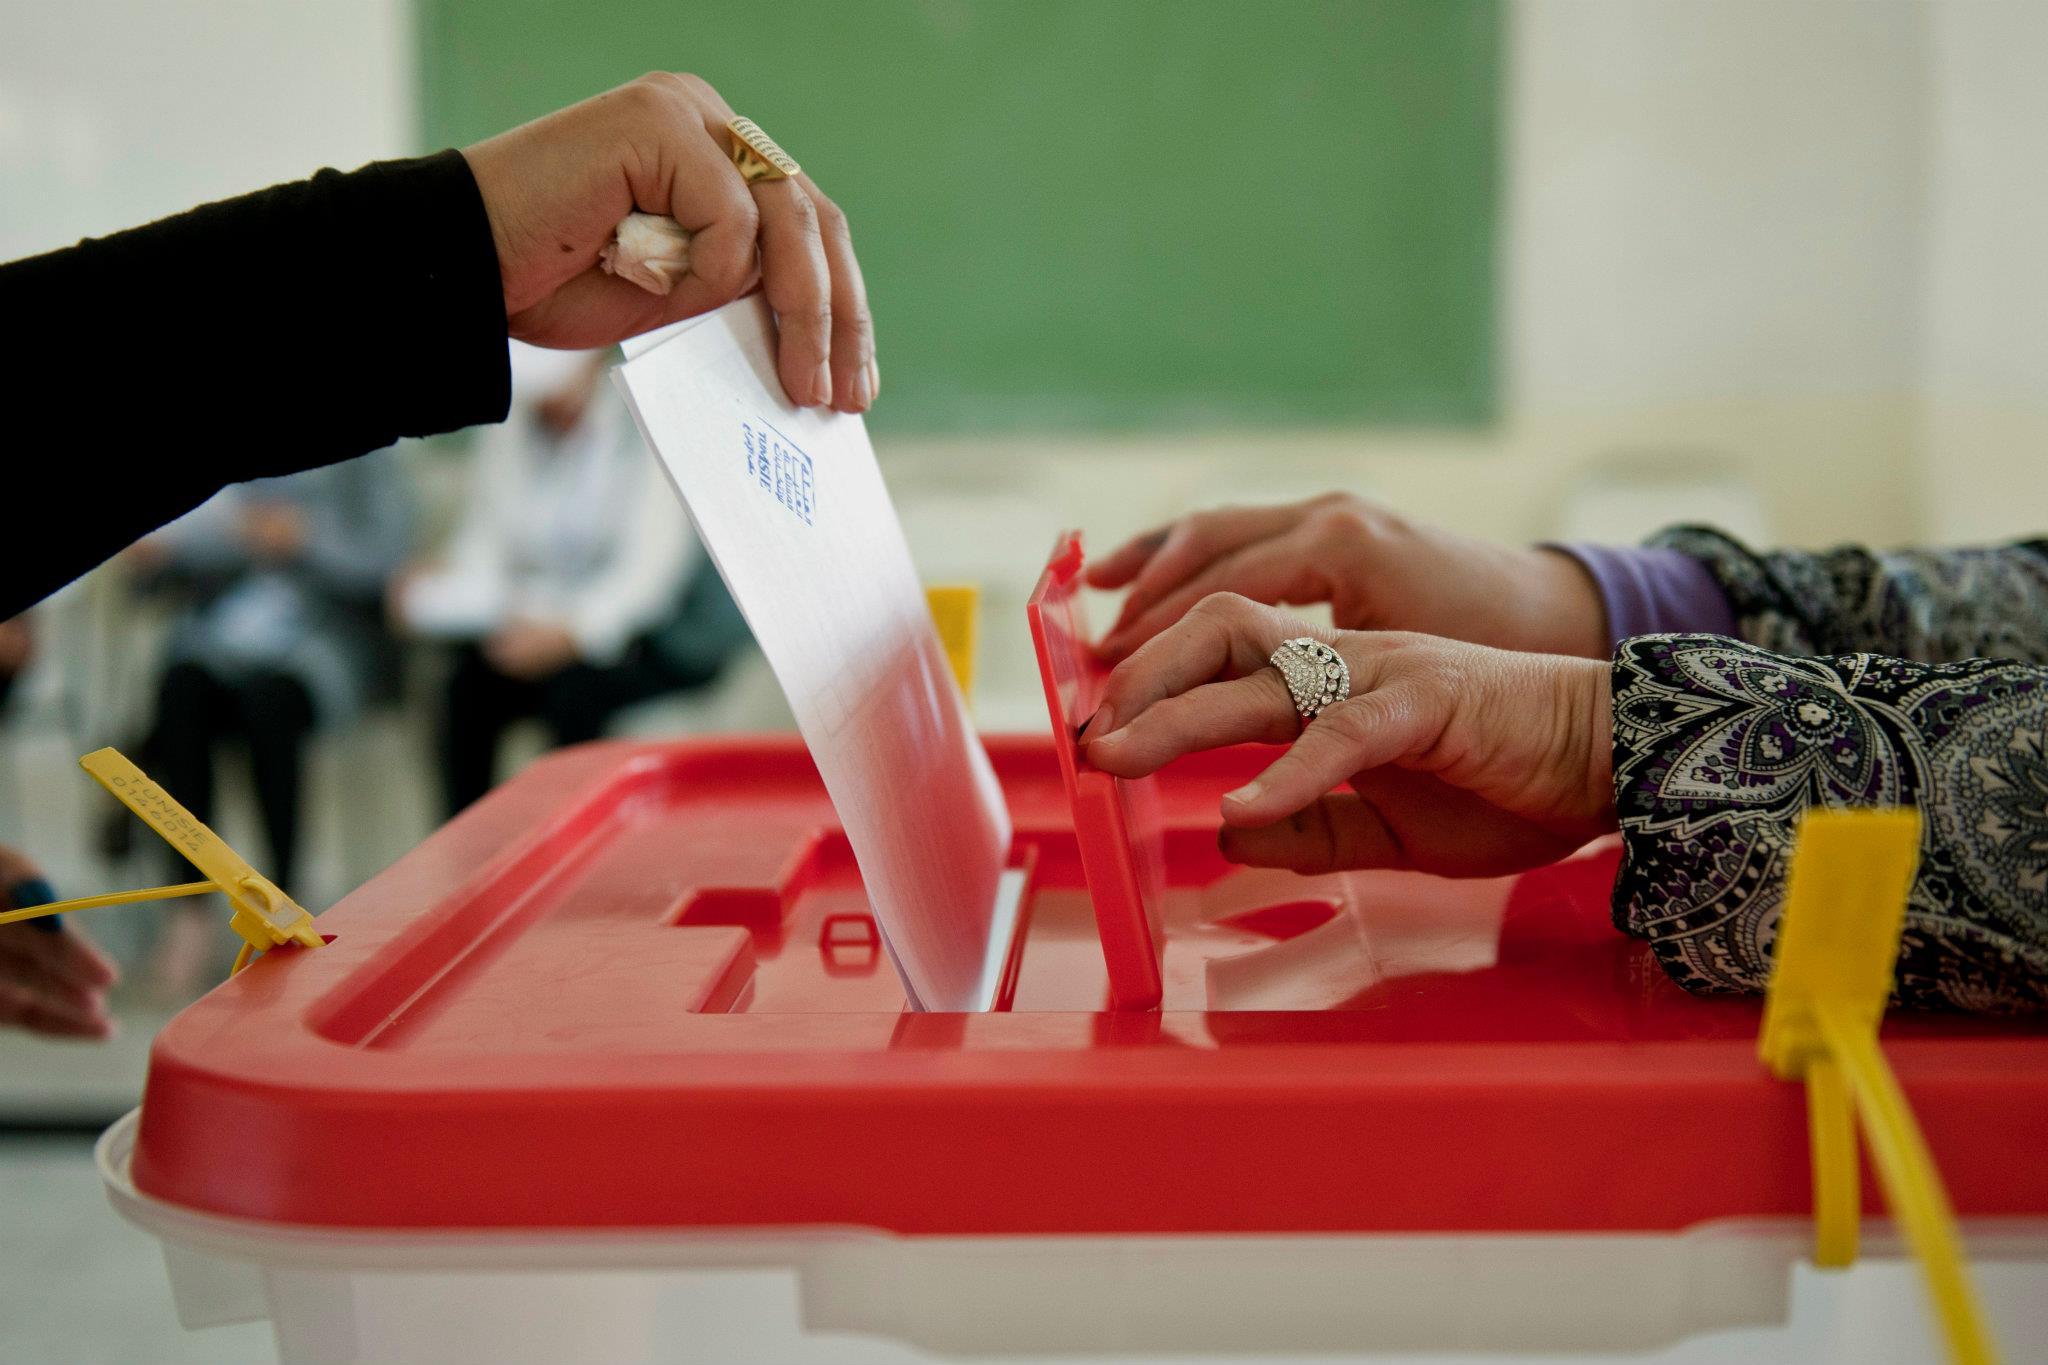 Tunisie- Un important dispositif sécuritaire déployé pour sécuriser le scrutin